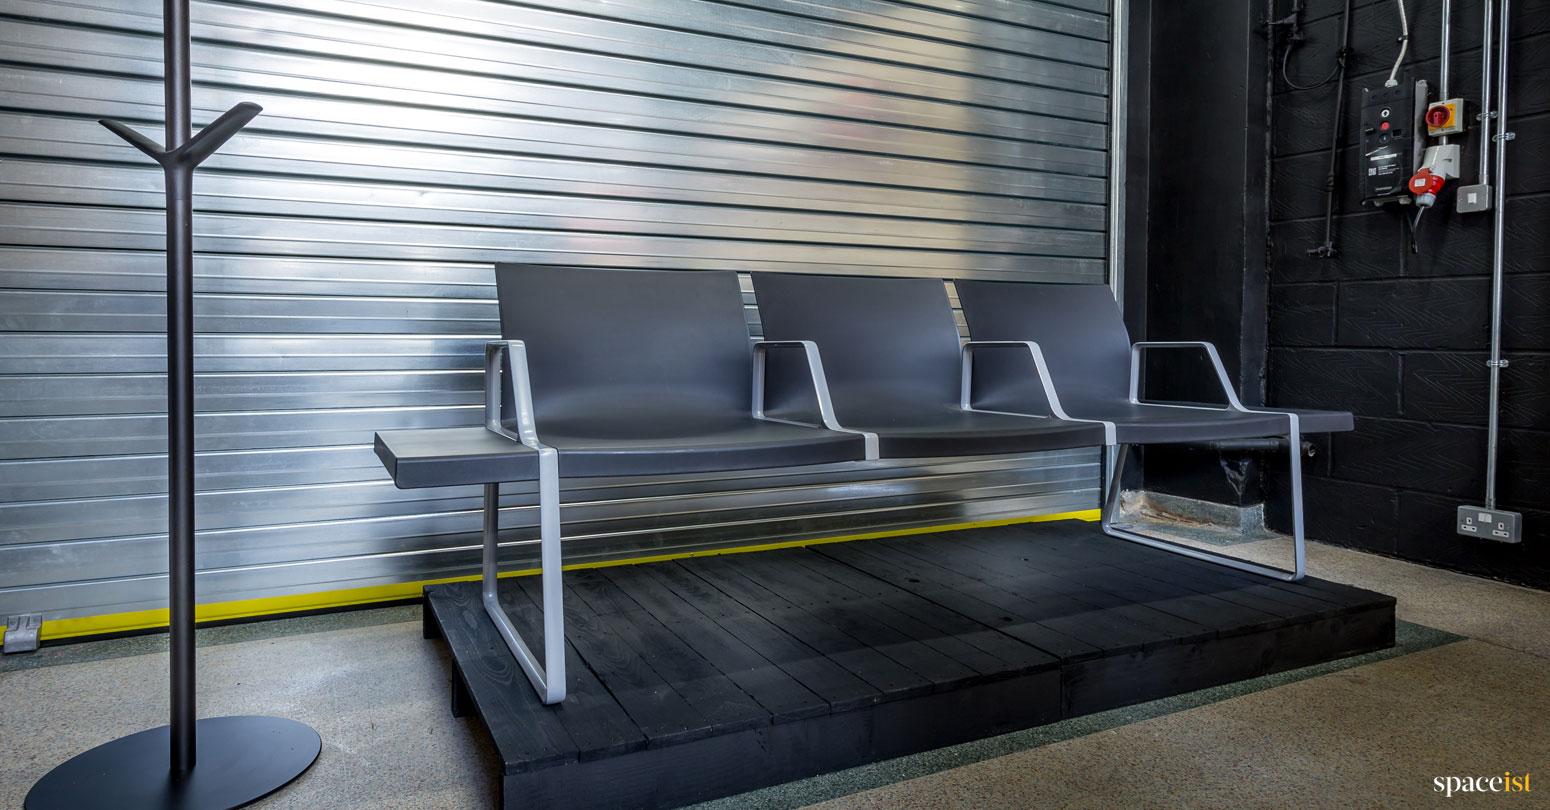 spaceist showroom black bench seats